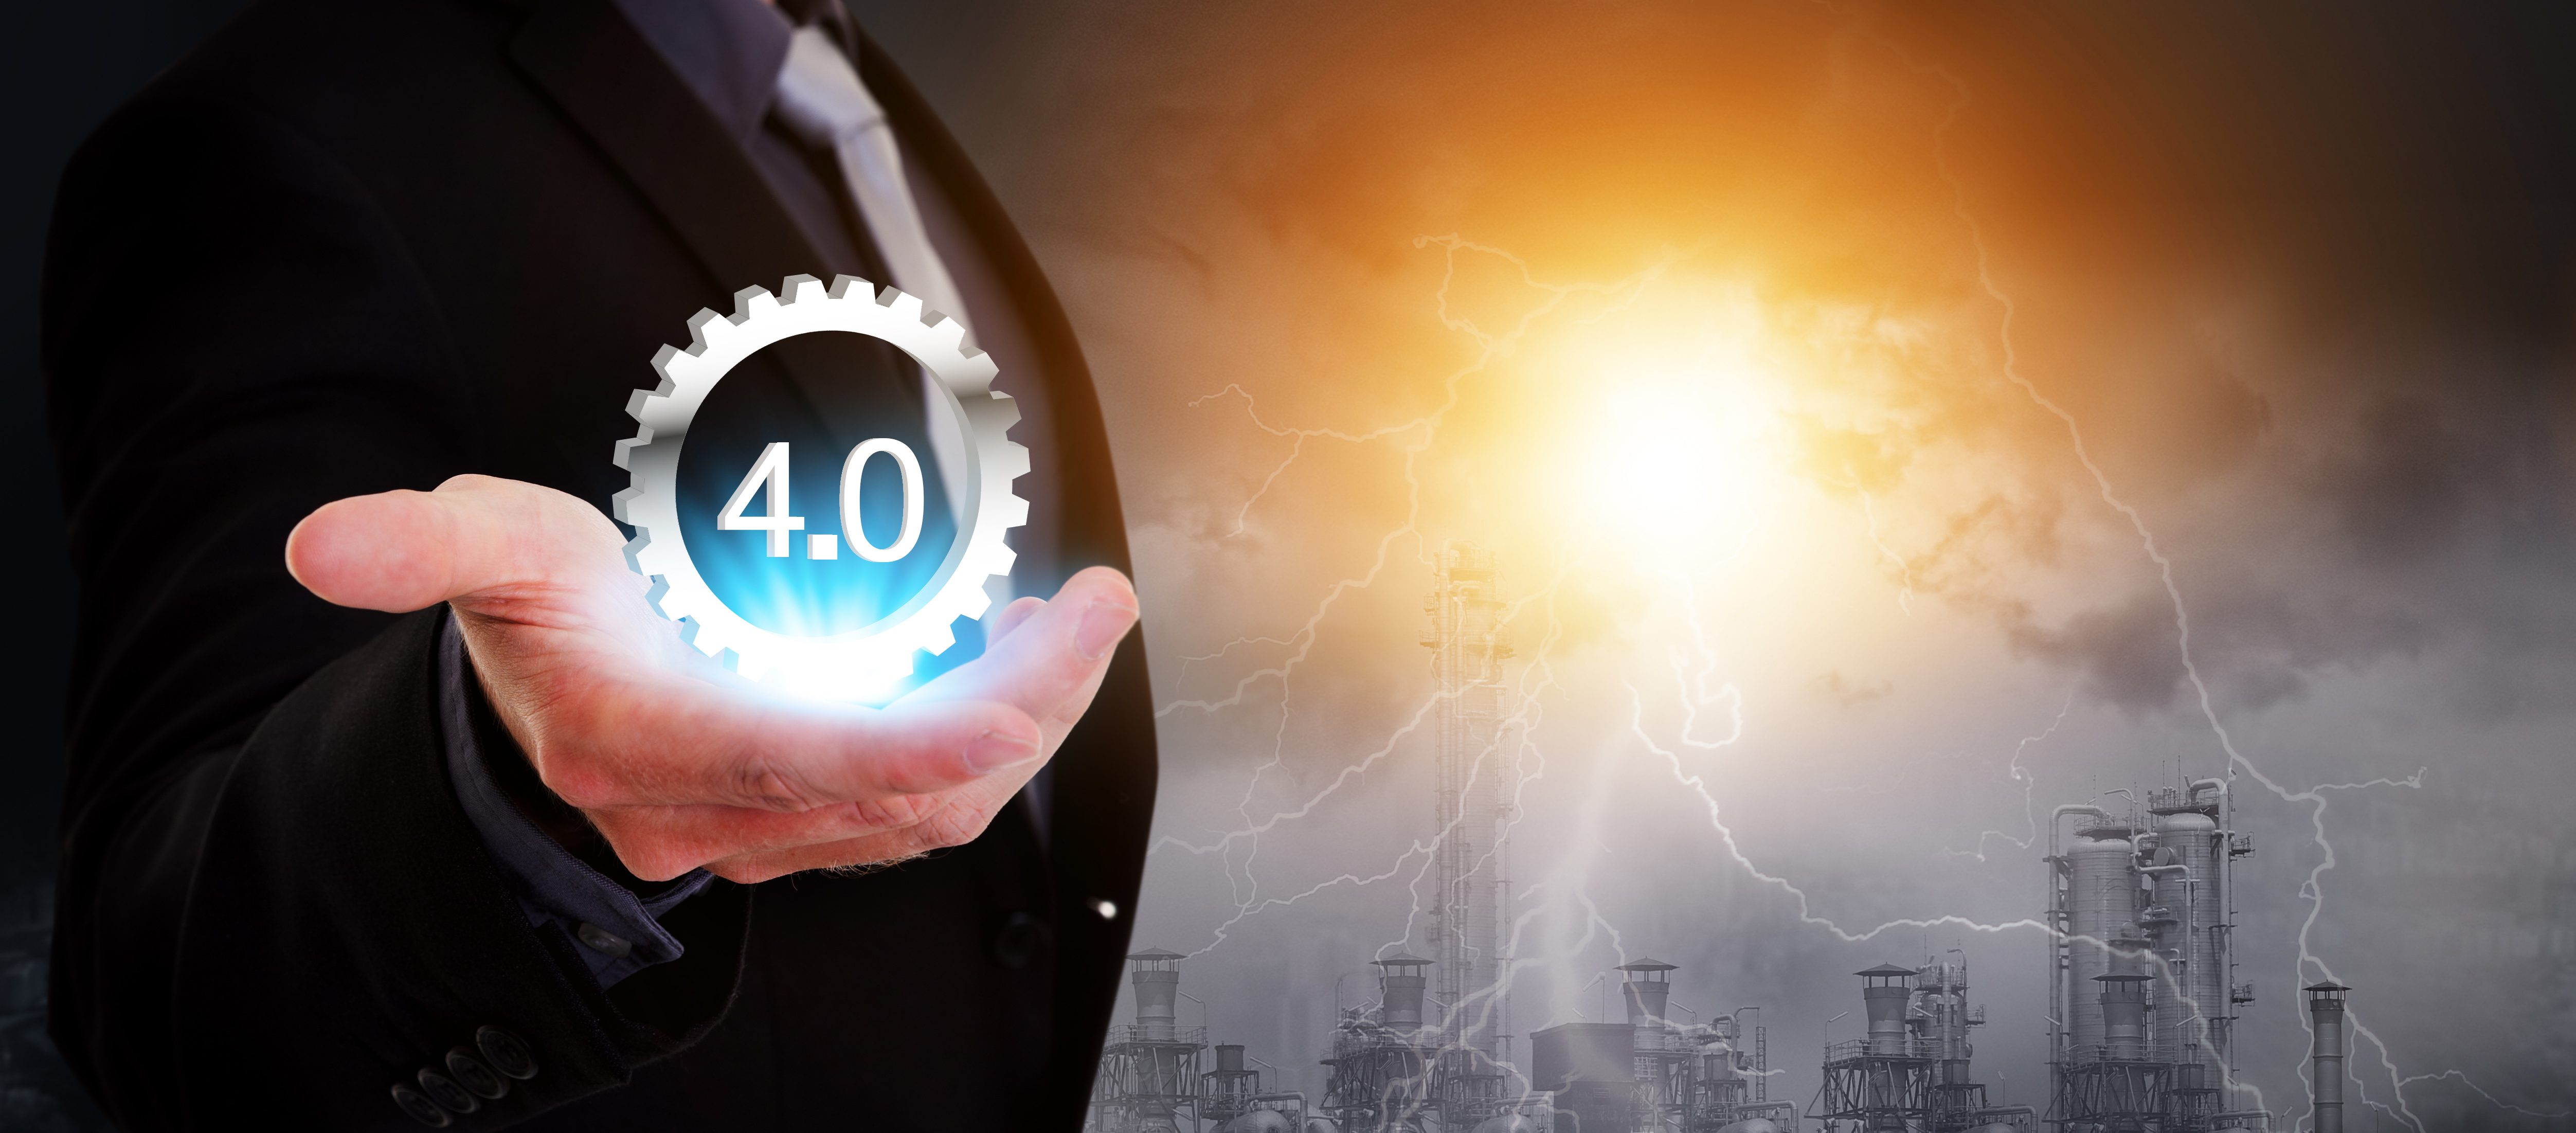 Indústria 4.0: Como as tecnologias estão impactando o setor de compras